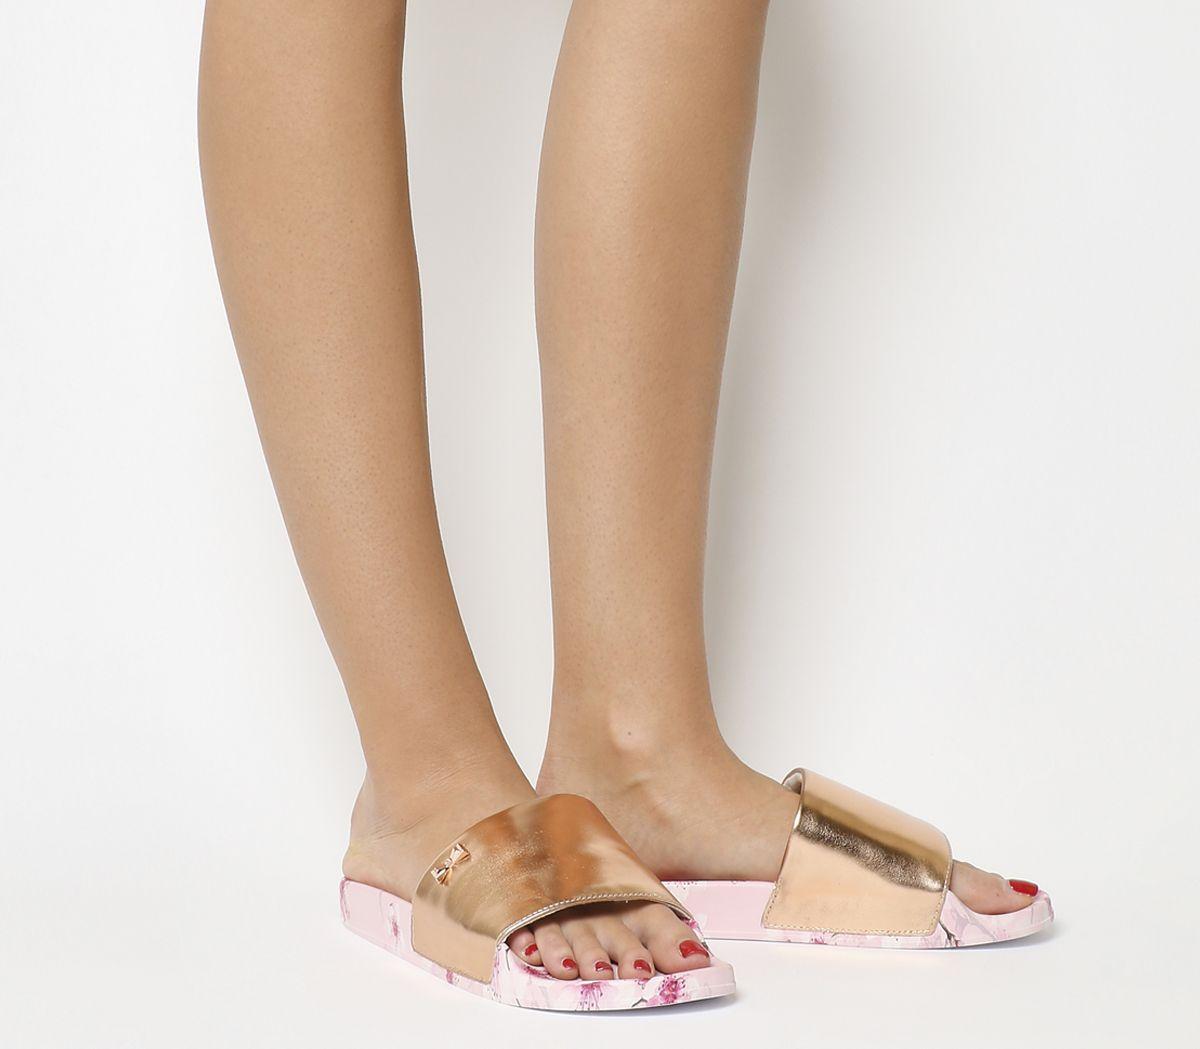 416cf7836 Ted Baker Aveline Slides Blossom Print - Sandals